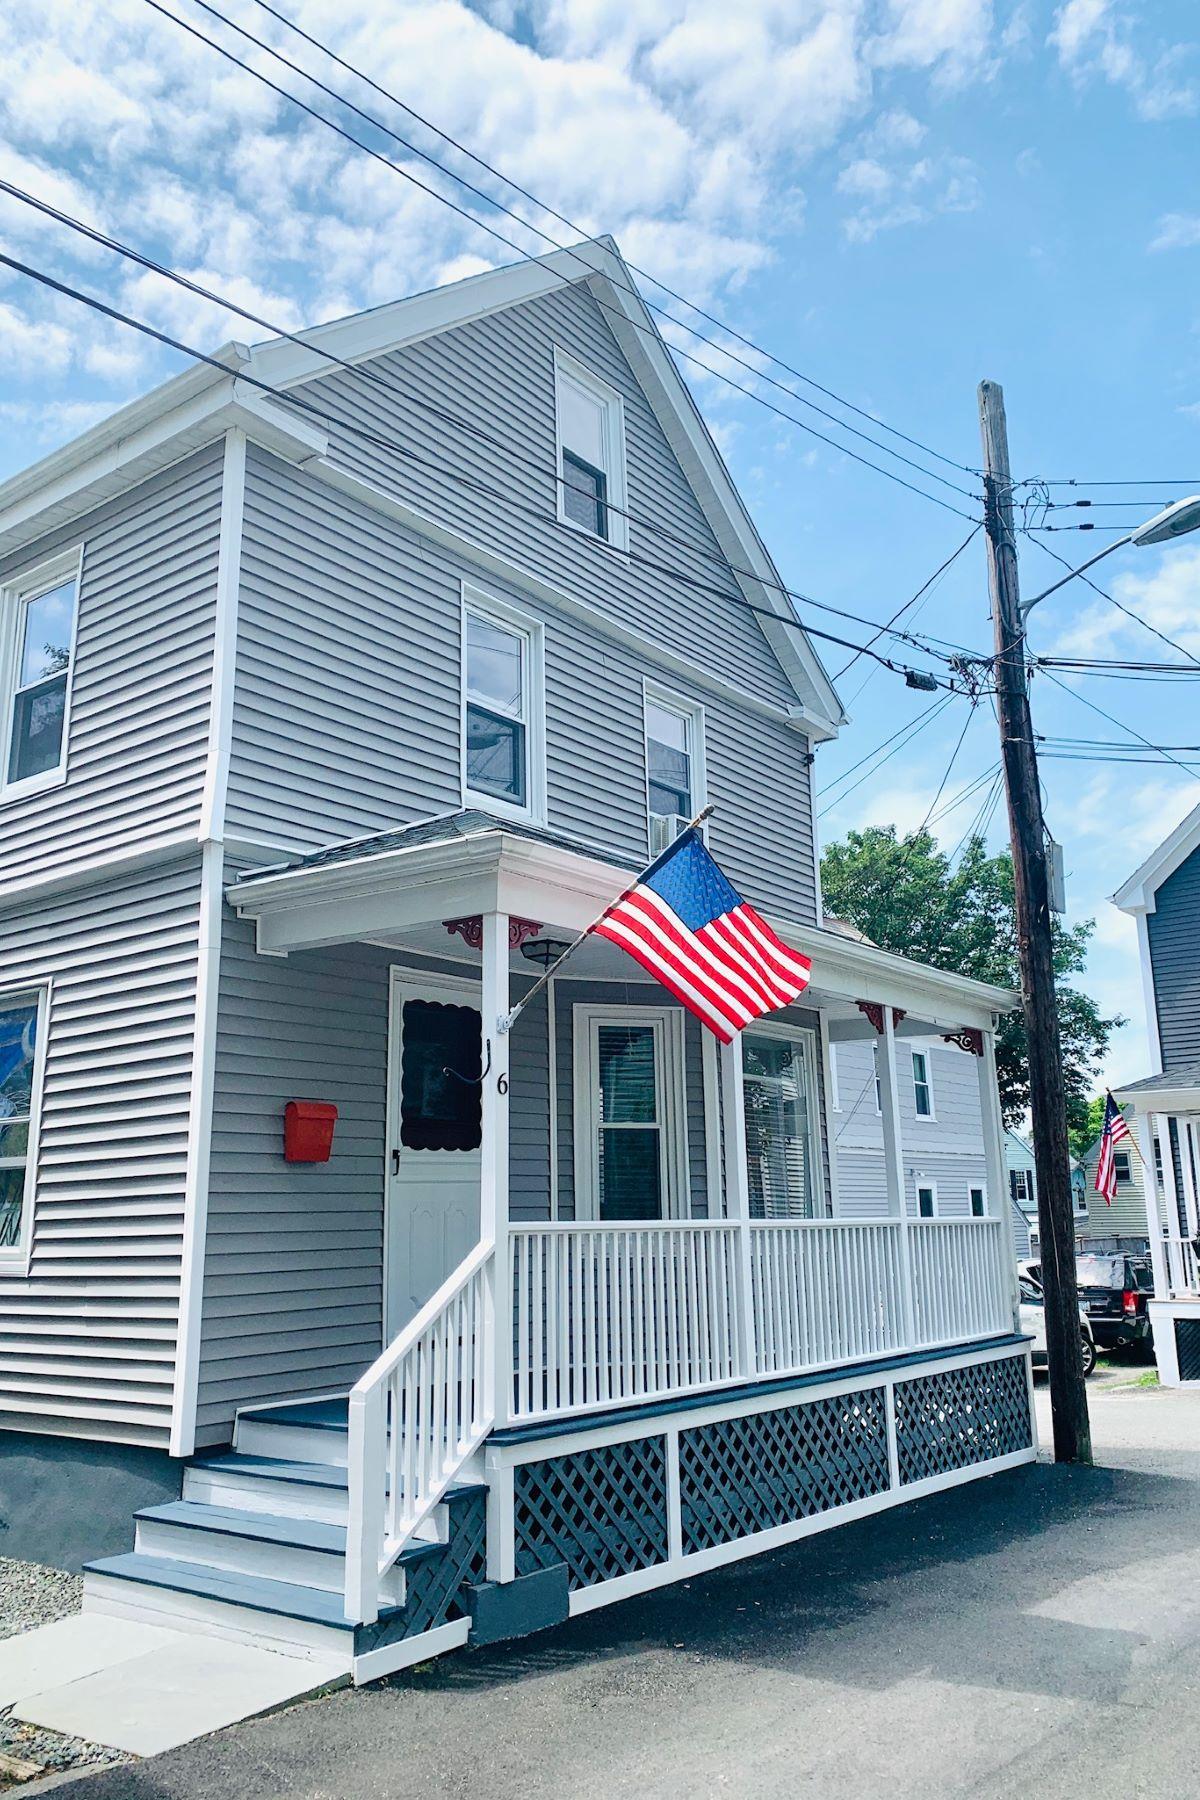 Adorable Updated Newport Cottage 6 Nicol Terrace Newport, Rhode Island 02840 Estados Unidos